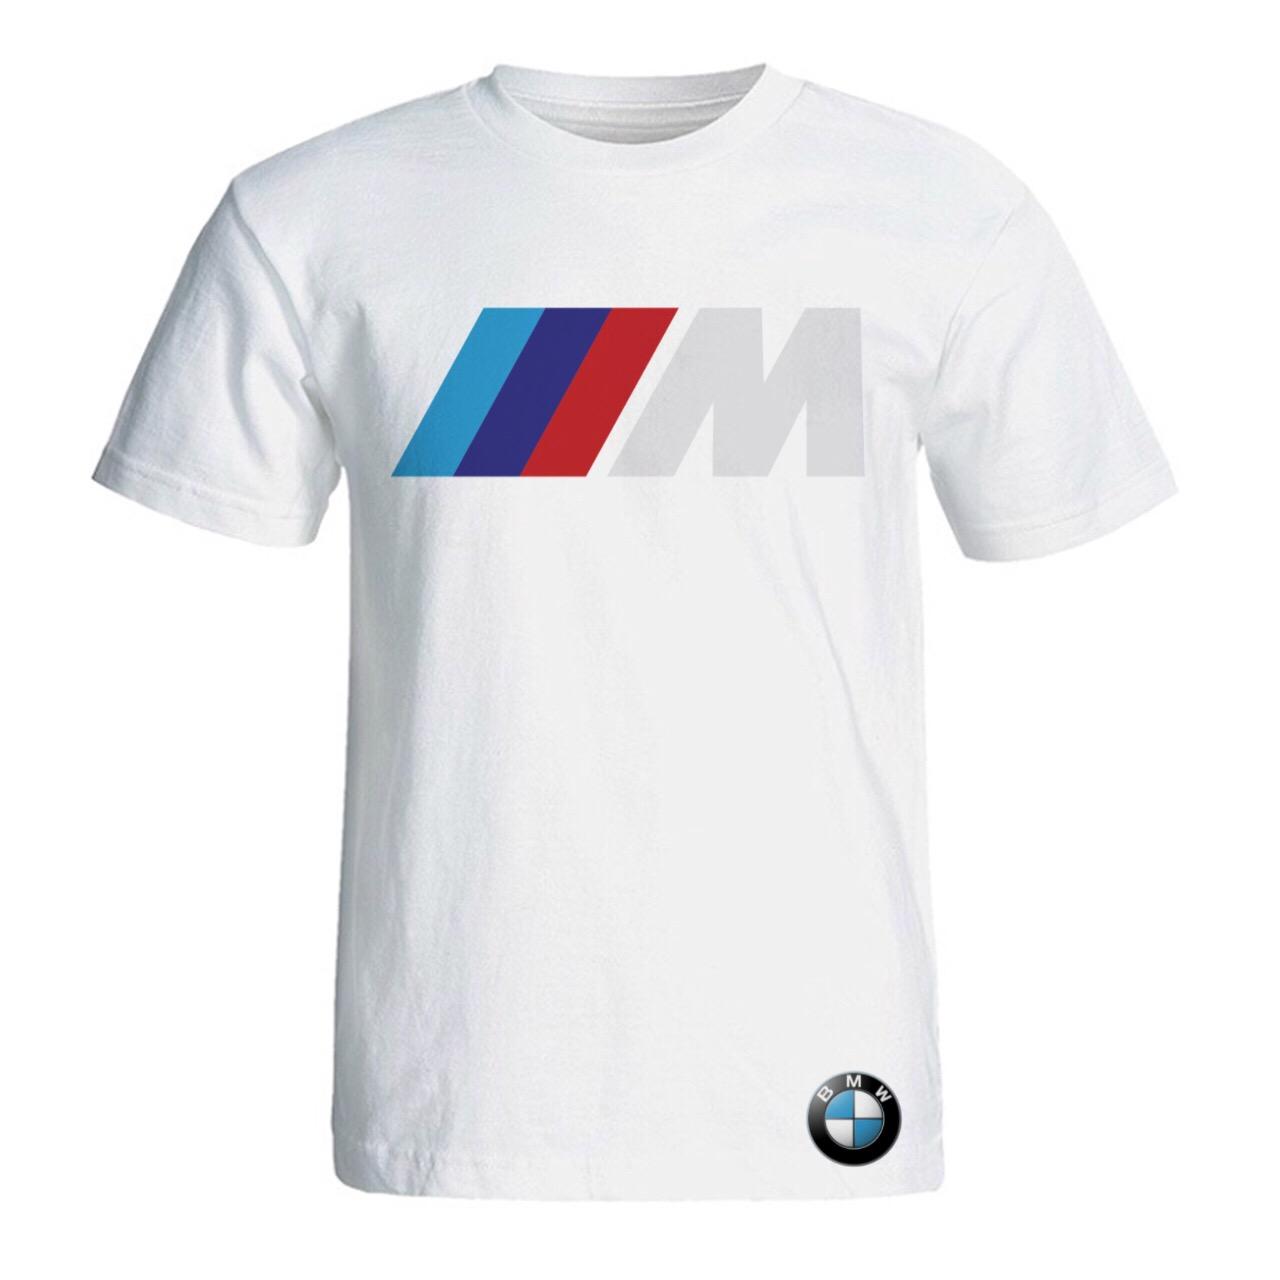 تی شرت آستین کوتاه مردانه سالامین طرح بی ام دبلیو کد SA116